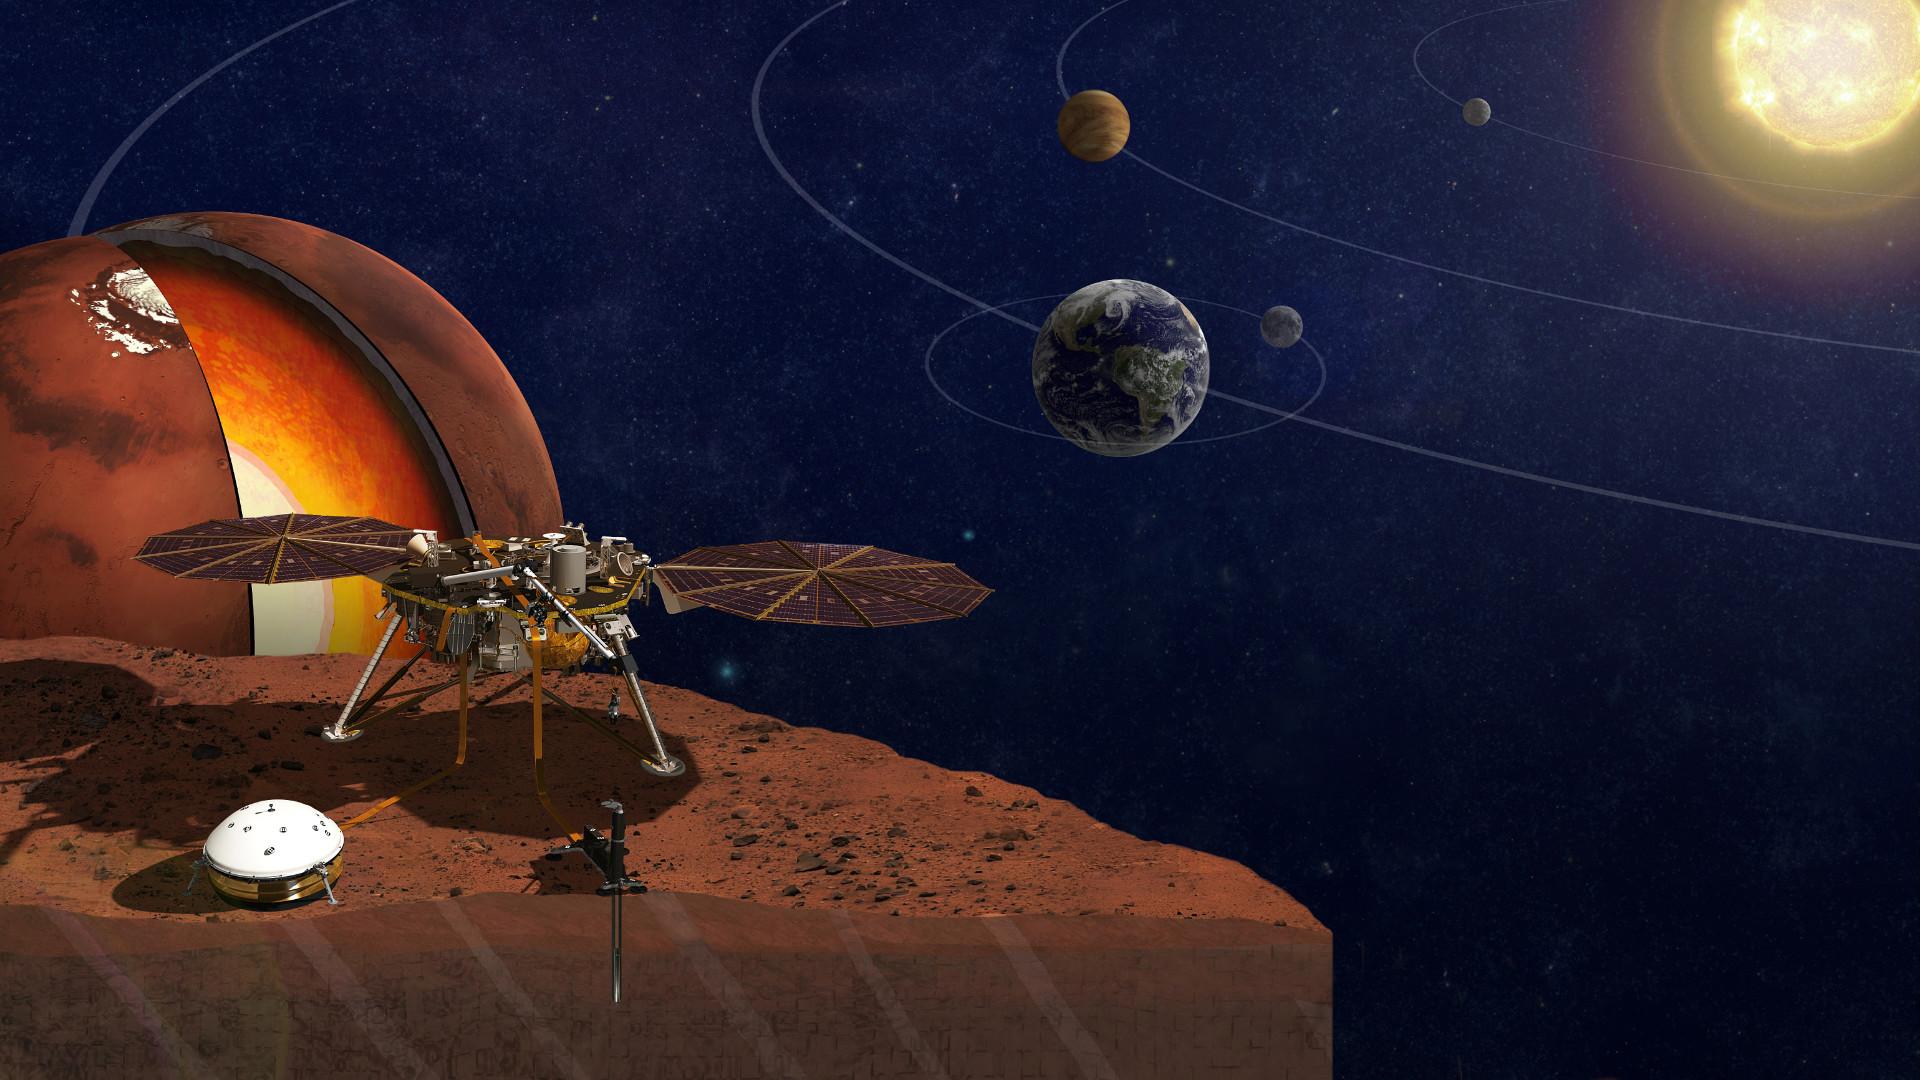 Pourquoi il est important qu'InSight détecte l'atterrissage de Perseverance sur Mars - Numerama